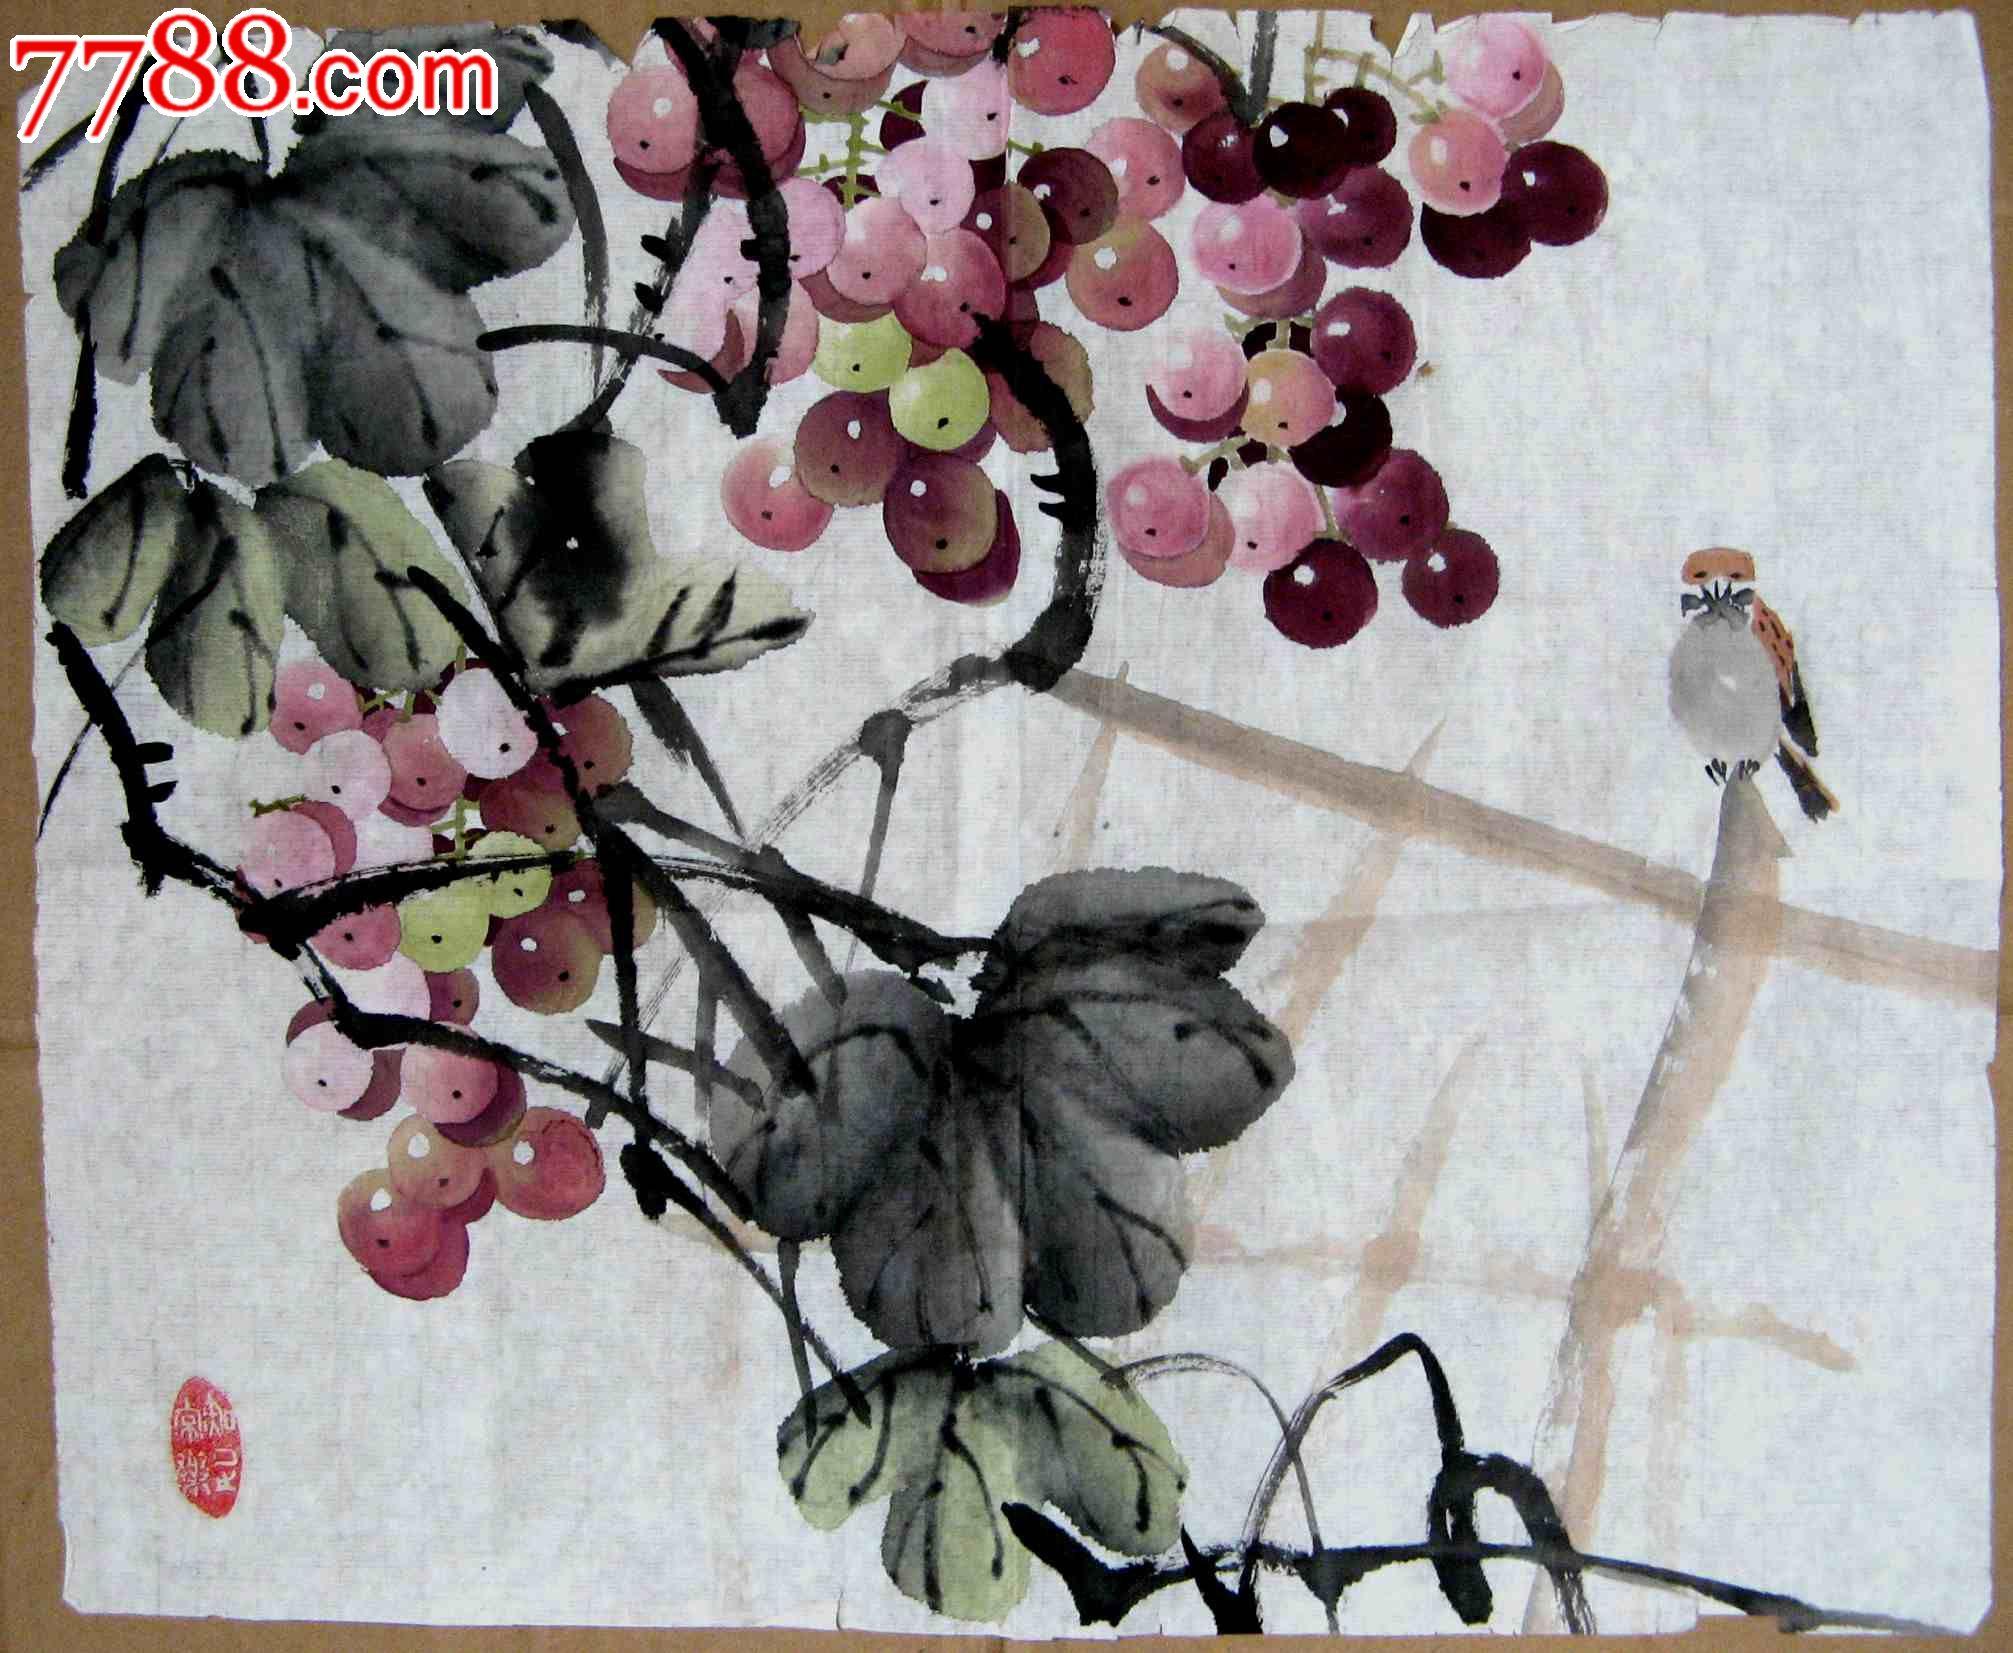 晶莹玉润的尺余横幅无款写意葡萄麻雀画:秋景无限好